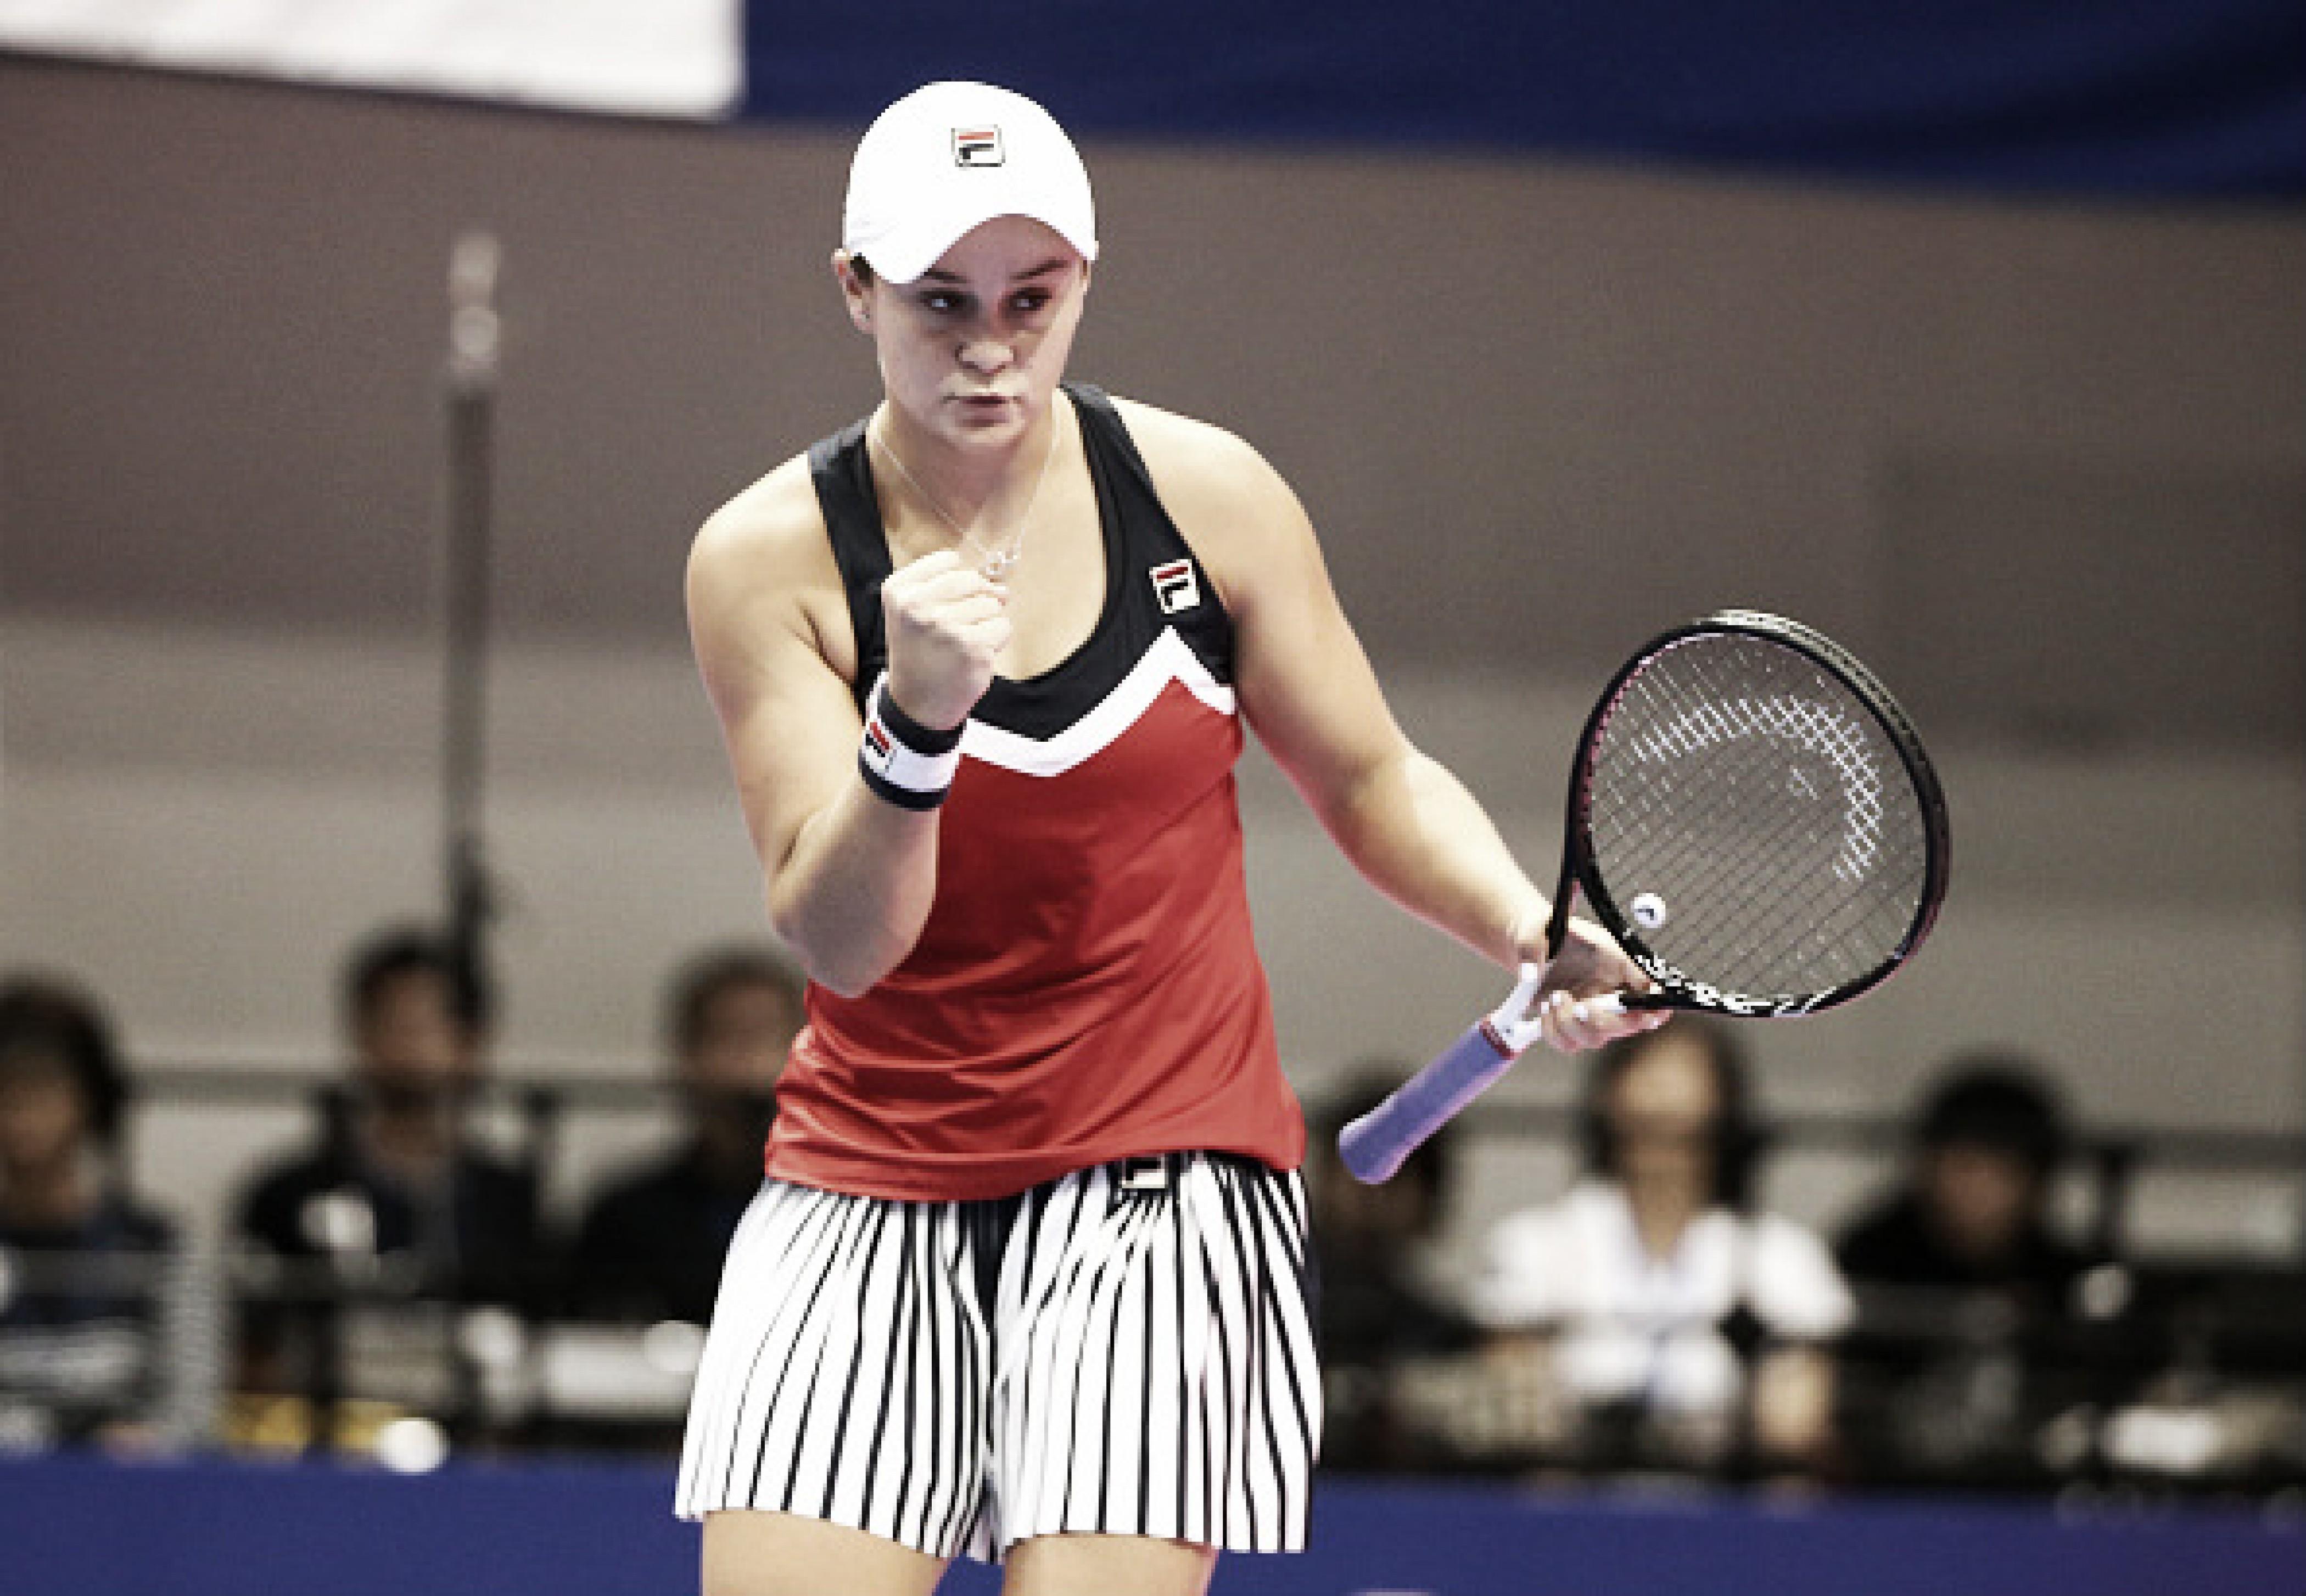 Em duelo de companheiras de duplas, Barty supera Vandeweghe em Tóquio